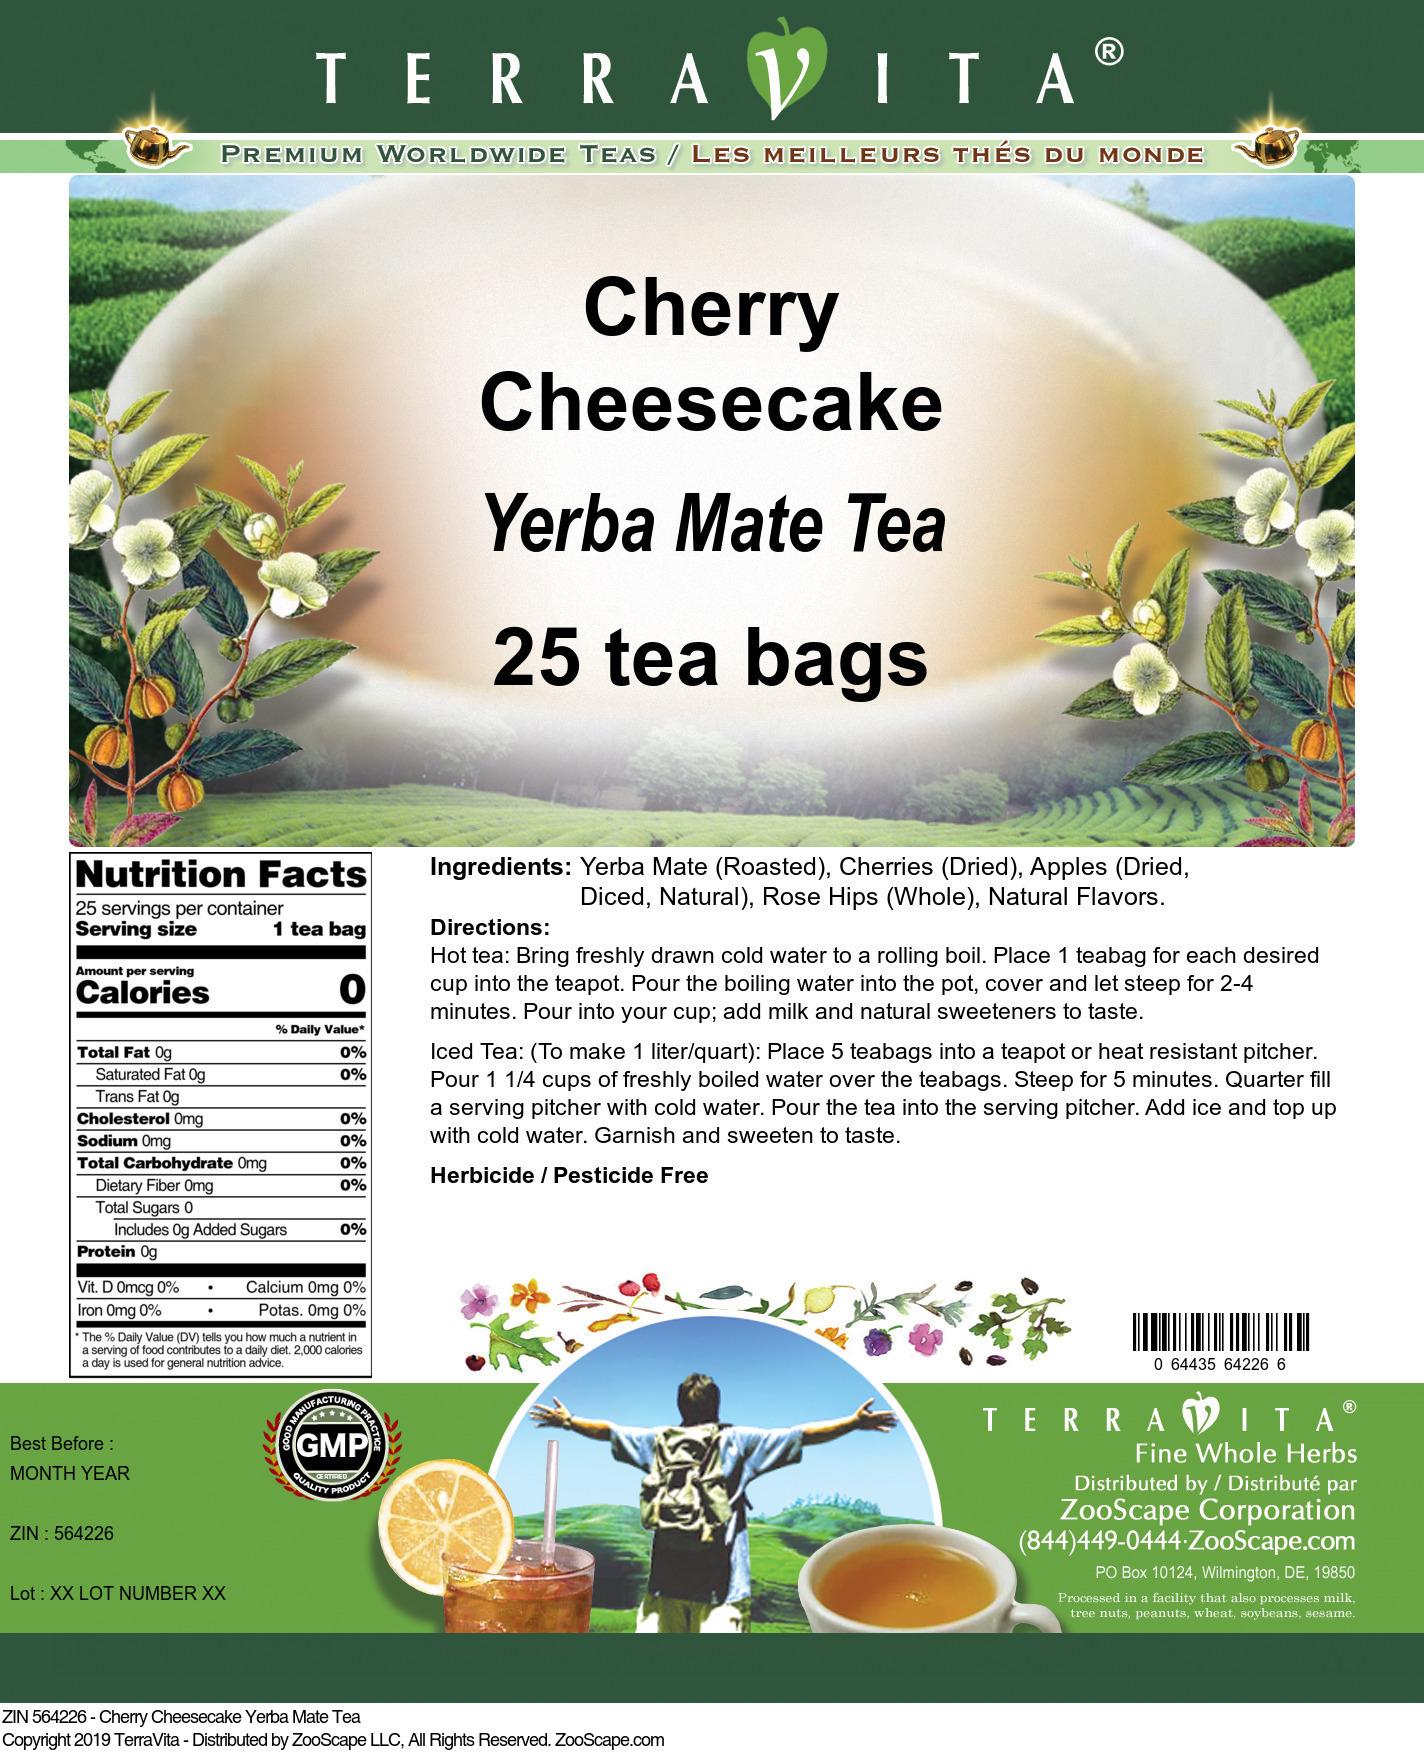 Cherry Cheesecake Yerba Mate Tea